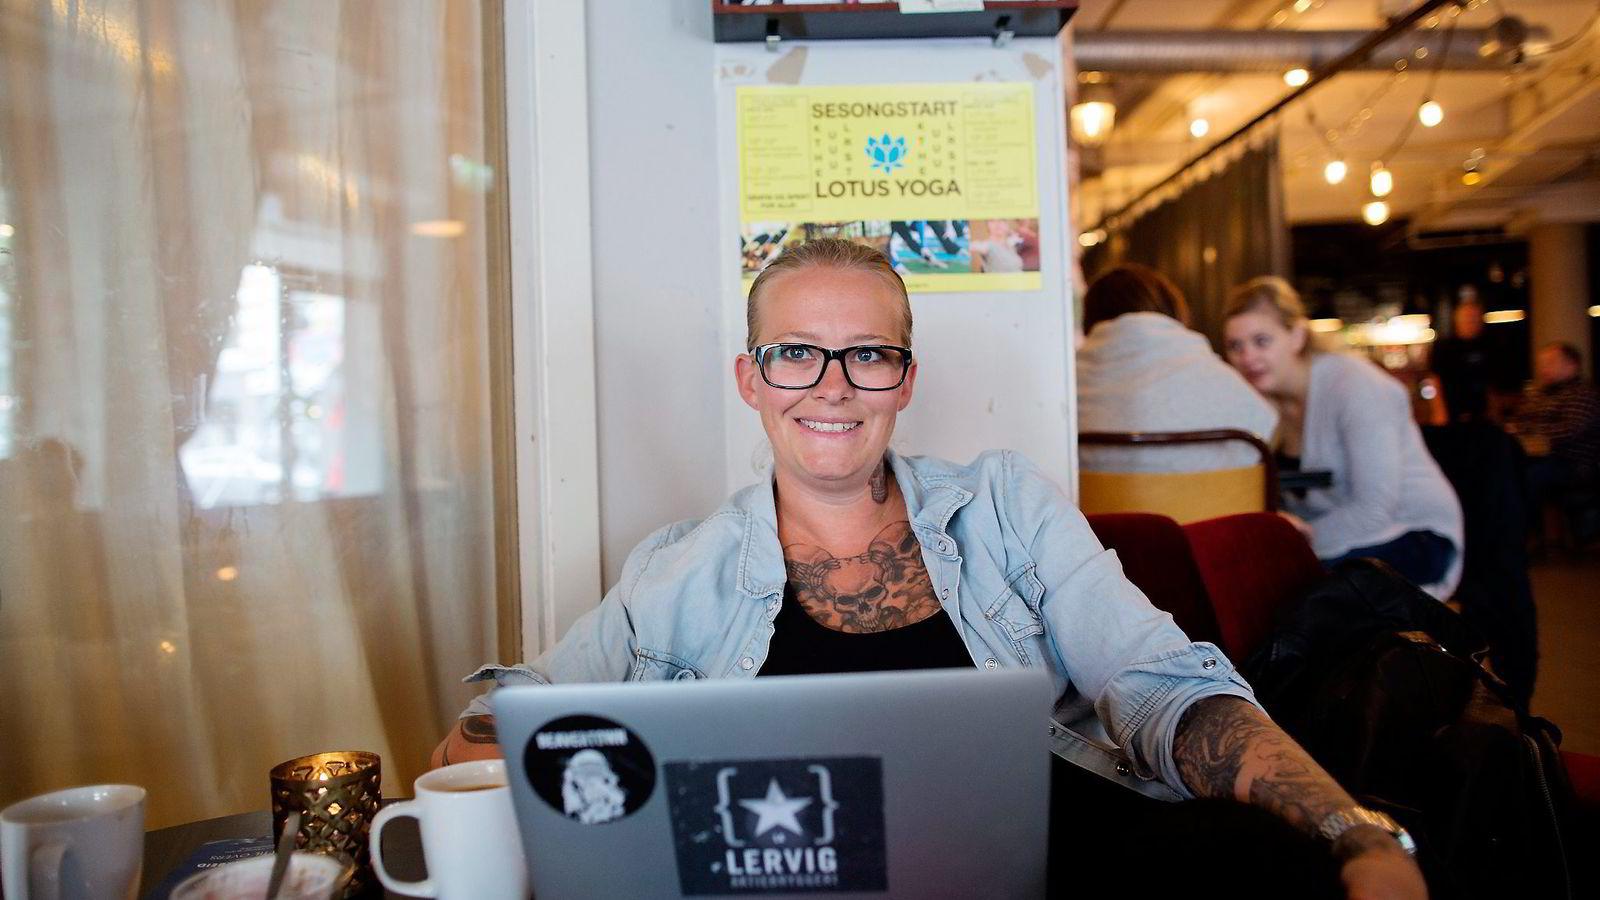 Linda Merete Skogholt foretrekker å sitte med laptopen på fanget på kafeen Kulturhuset fremfor å sitte alene på hjemmekontor. Hun har en arbeidsgiver som lar henne jobbe fritt og som sparer kontorleie. Foto: